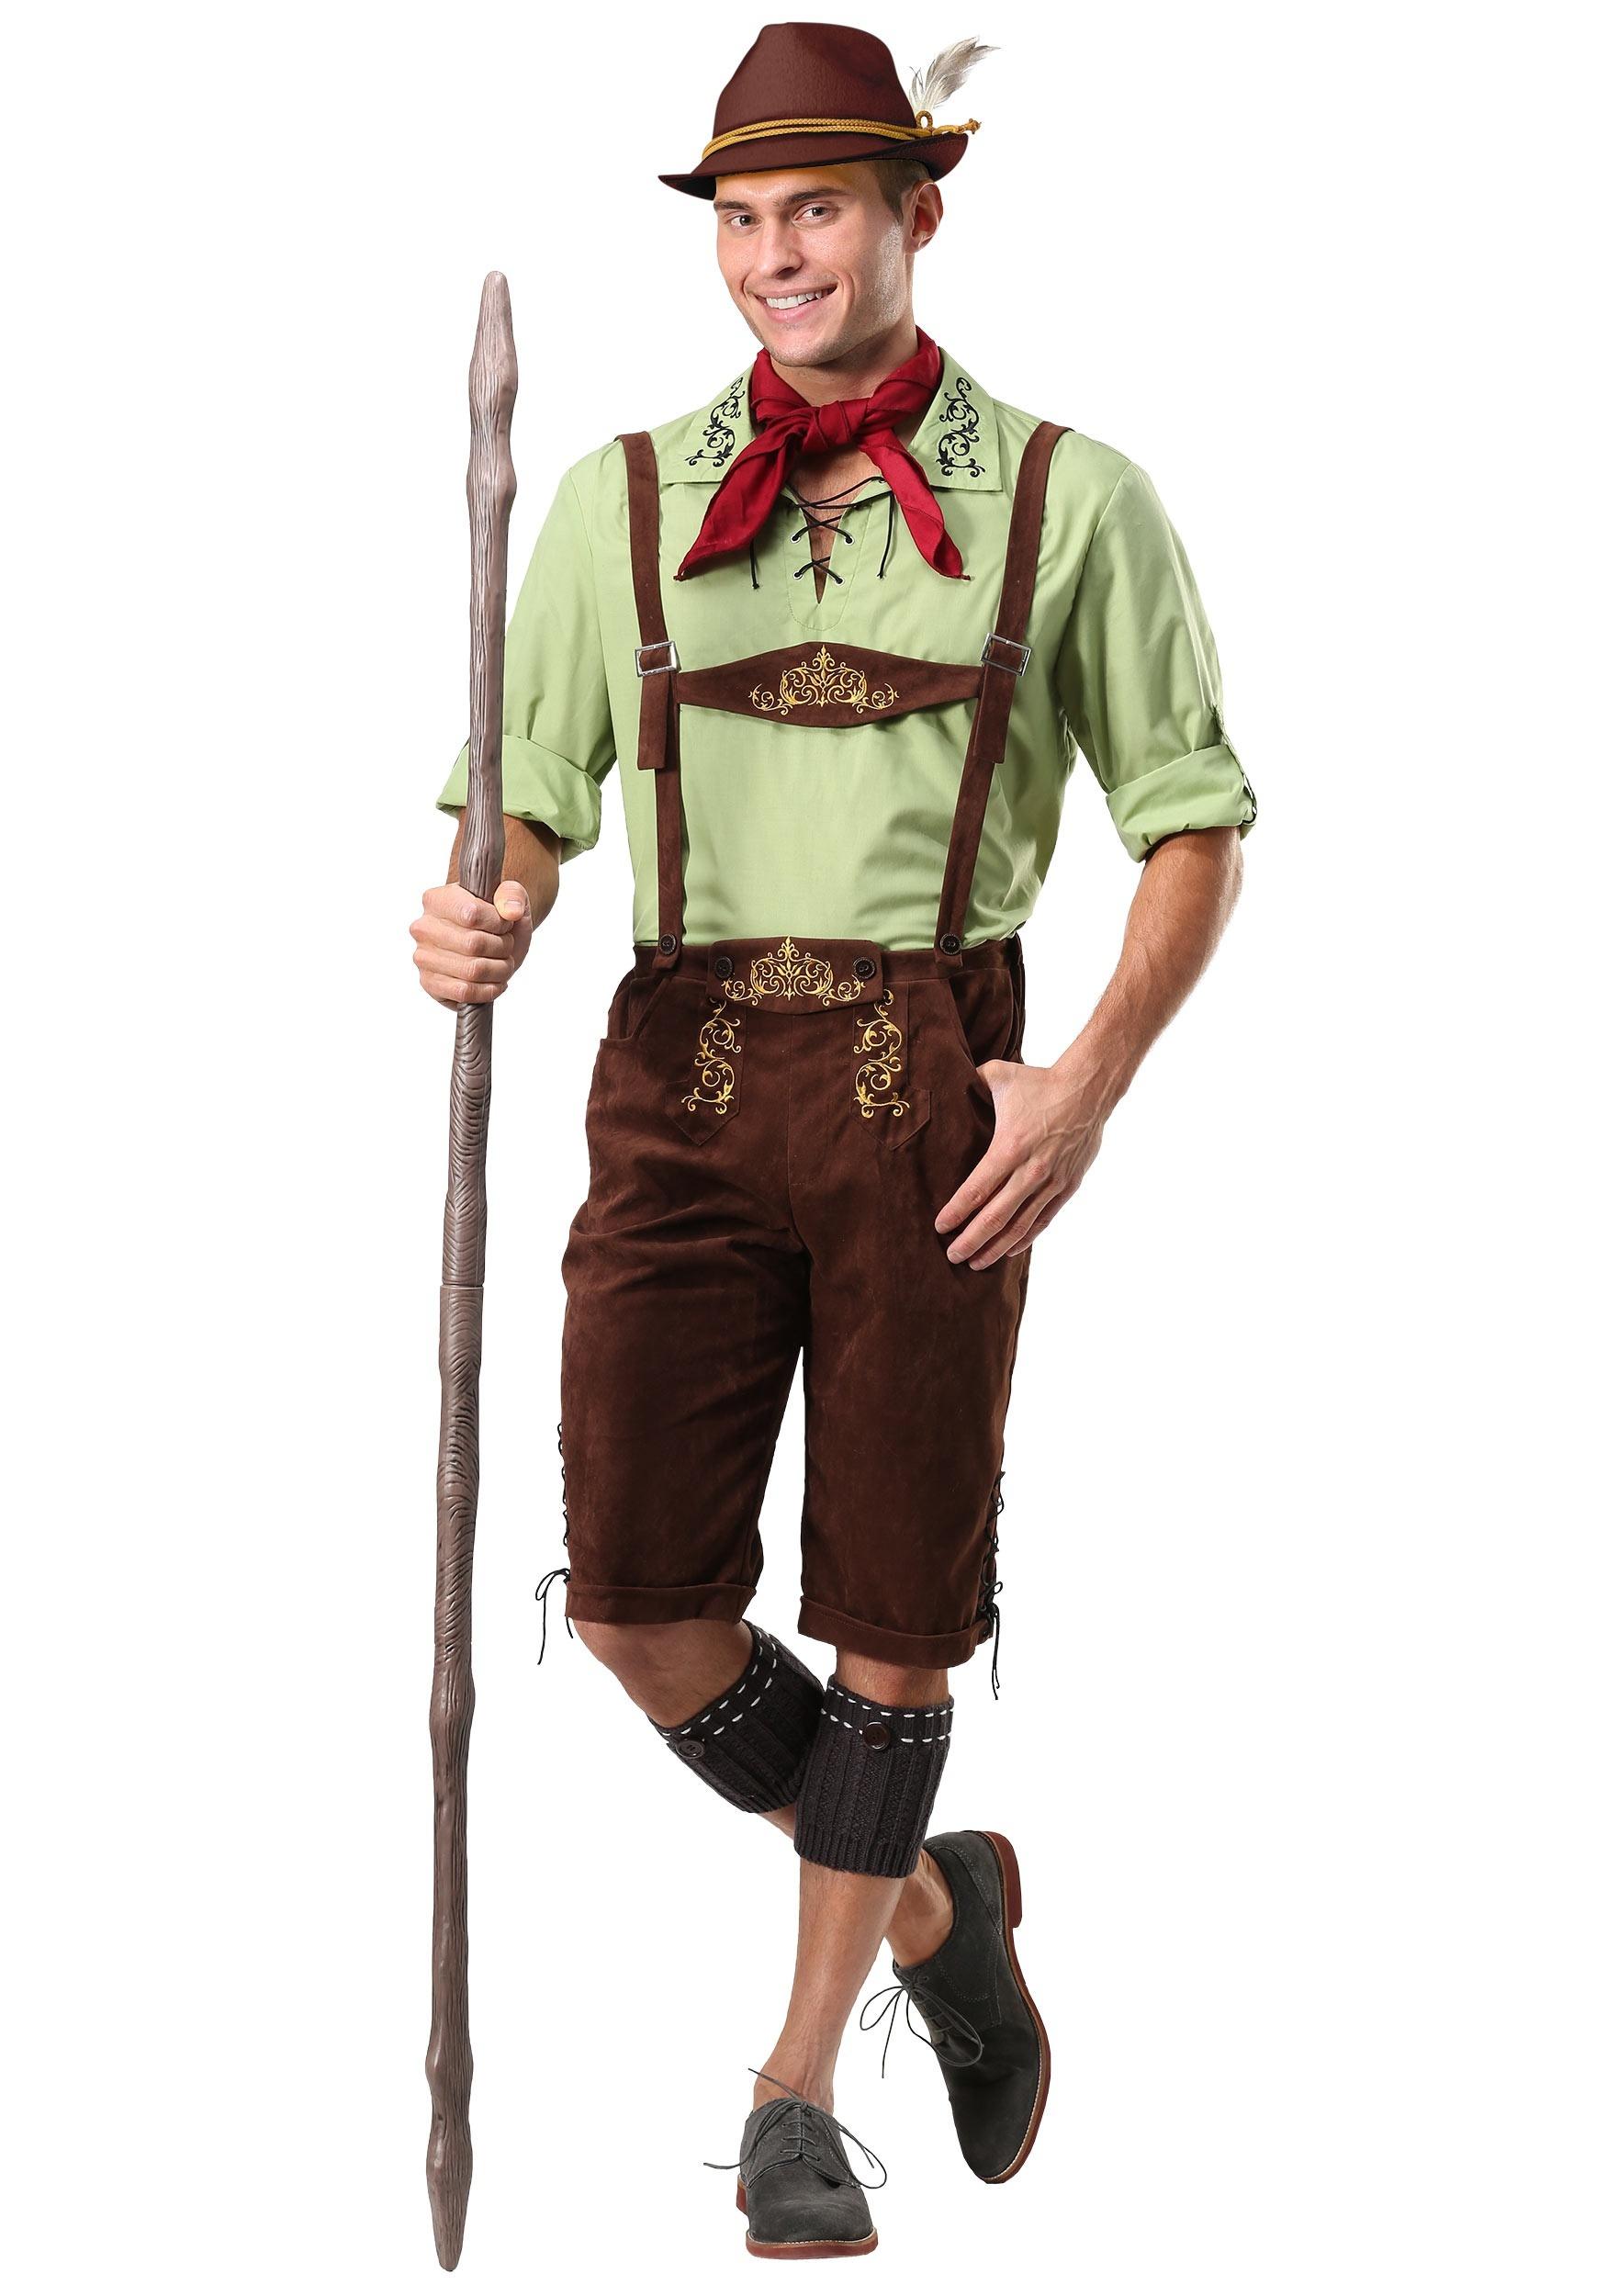 Menu0027s Alpine Lederhosen Costume  sc 1 st  Halloween Costumes UK & Alpine Lederhosen Costume for Men